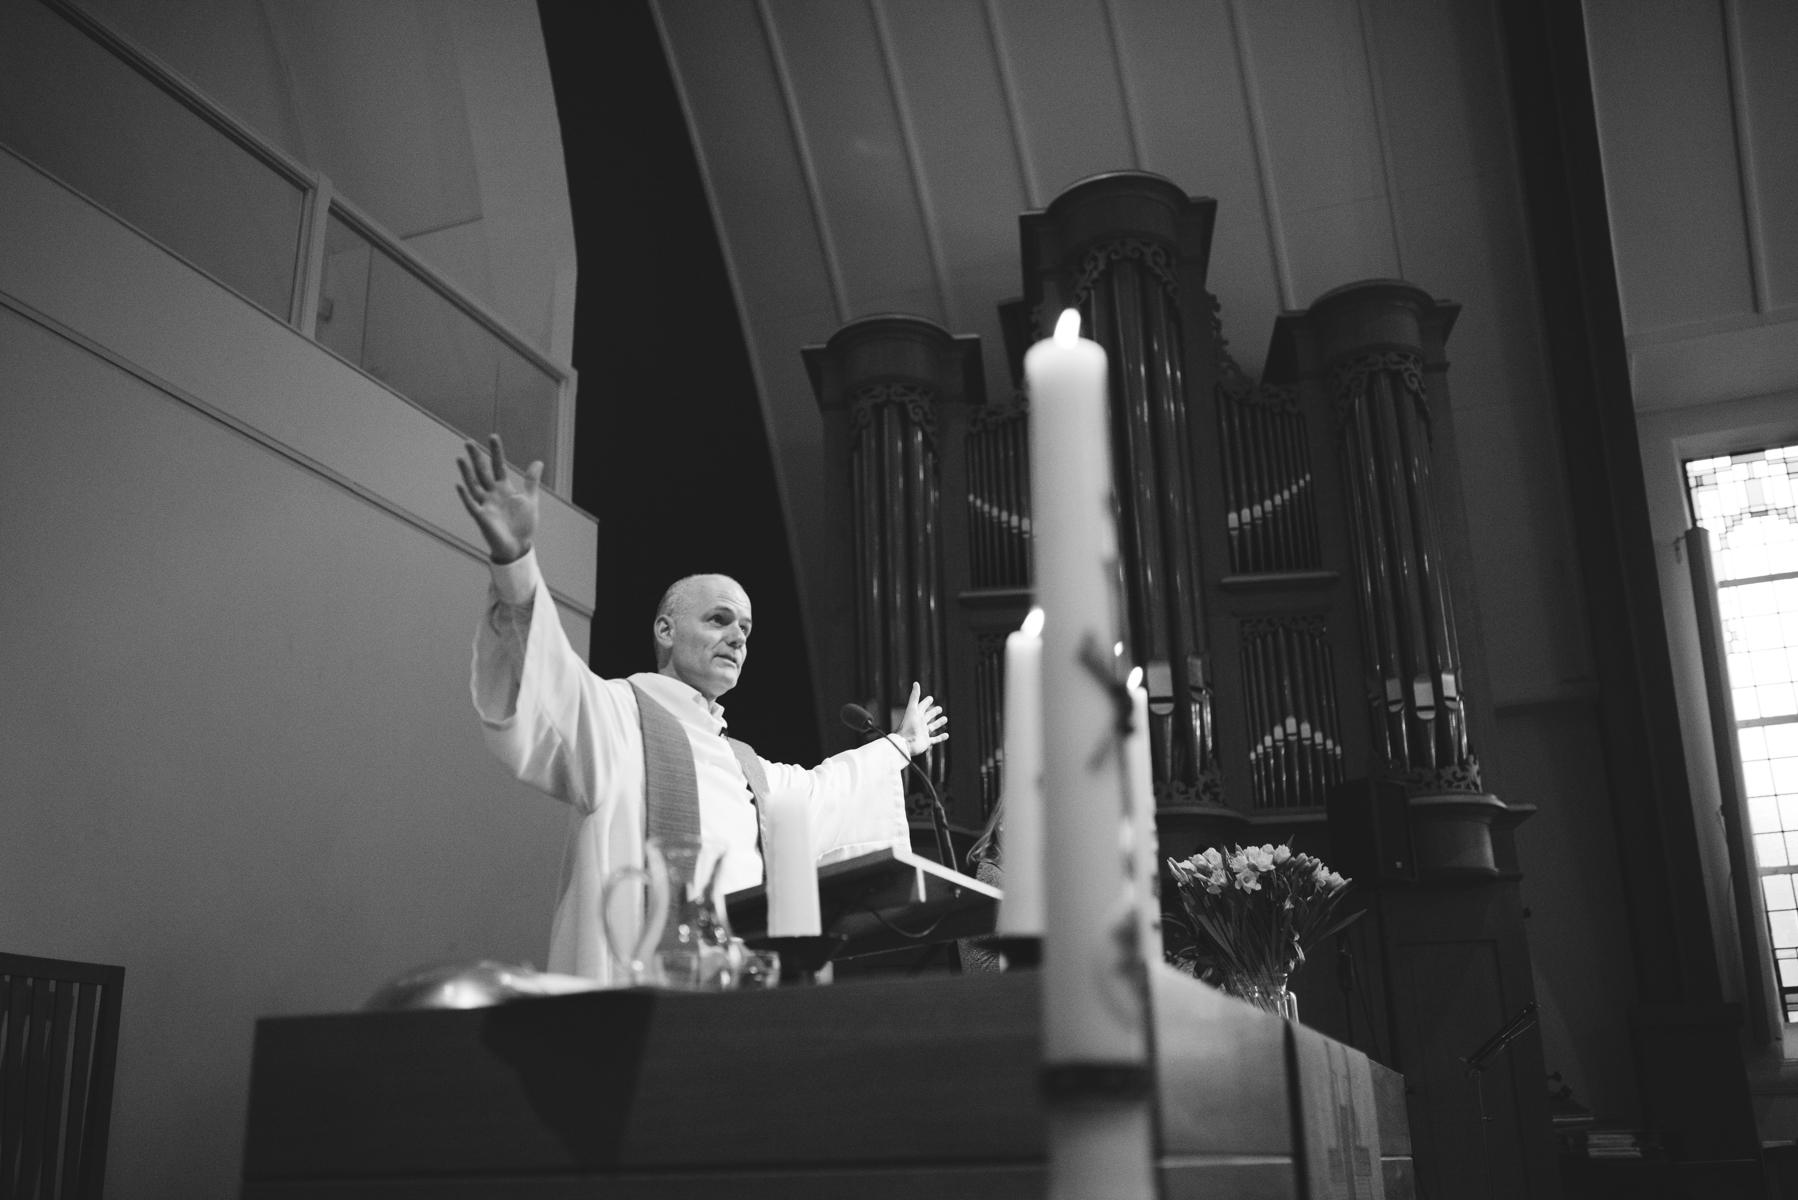 Fotografie van doop, belijdenis en trouwdienst van Janine en Arjen (50 van 55)